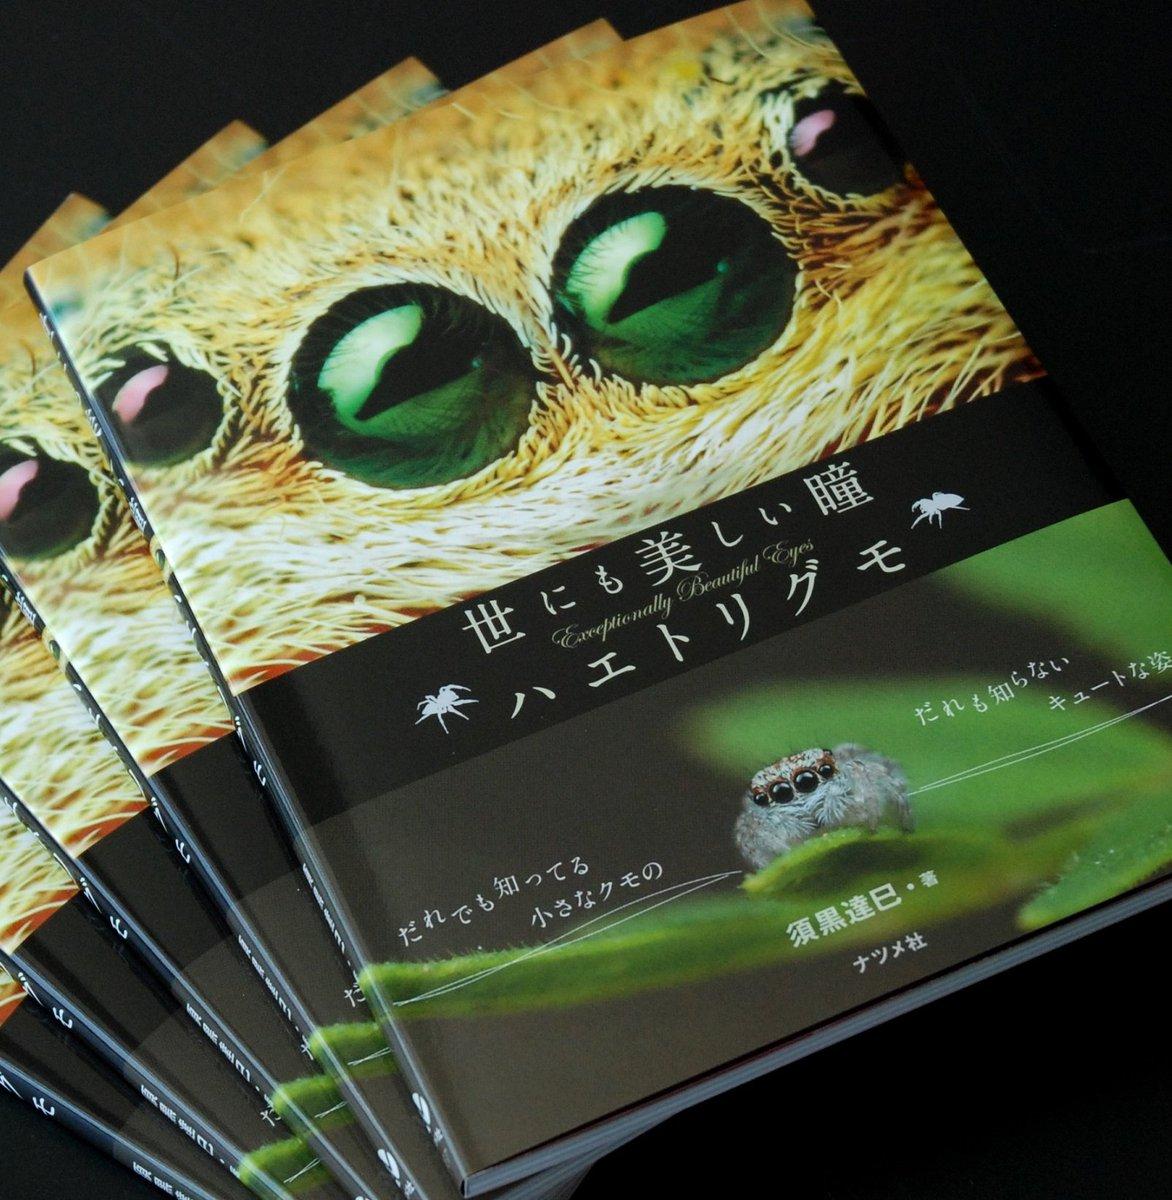 著書「世にも美しい瞳 ハエトリグモ」が来週発売されます!一般の方向けに「ハエトリグモという、こんな魅…